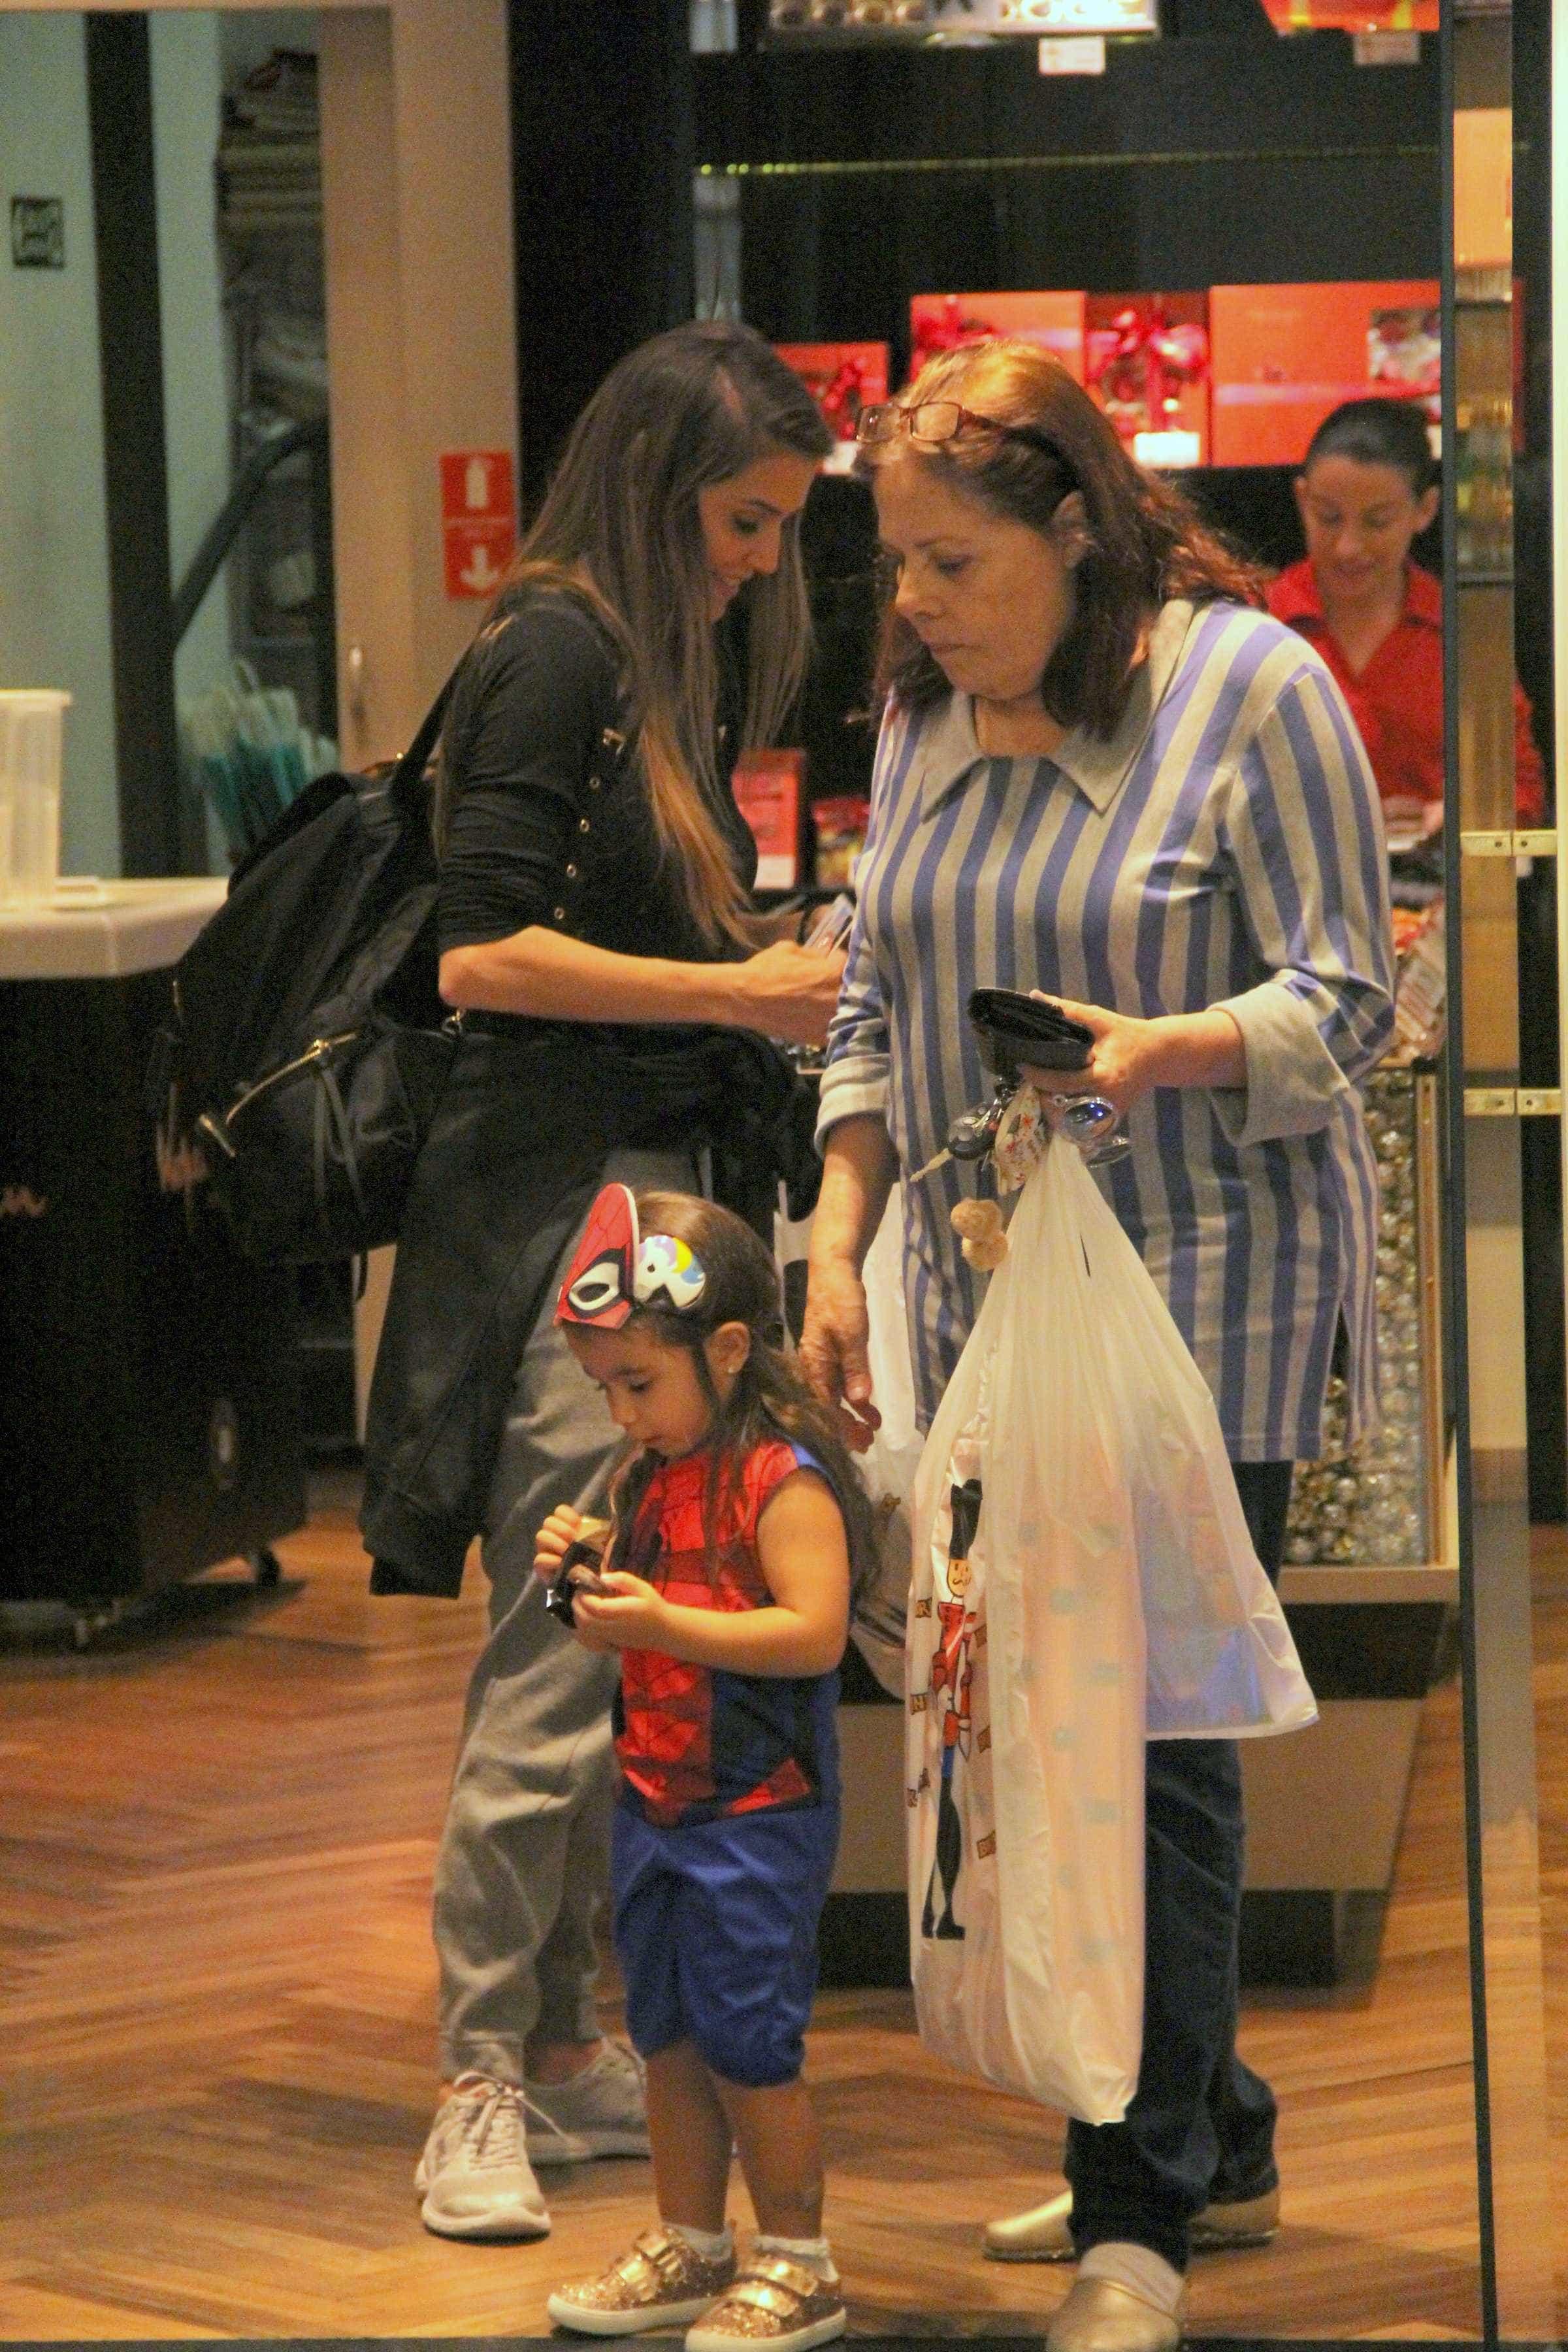 Filha de Deborah Secco é vista com fantasia de super-herói; fotos